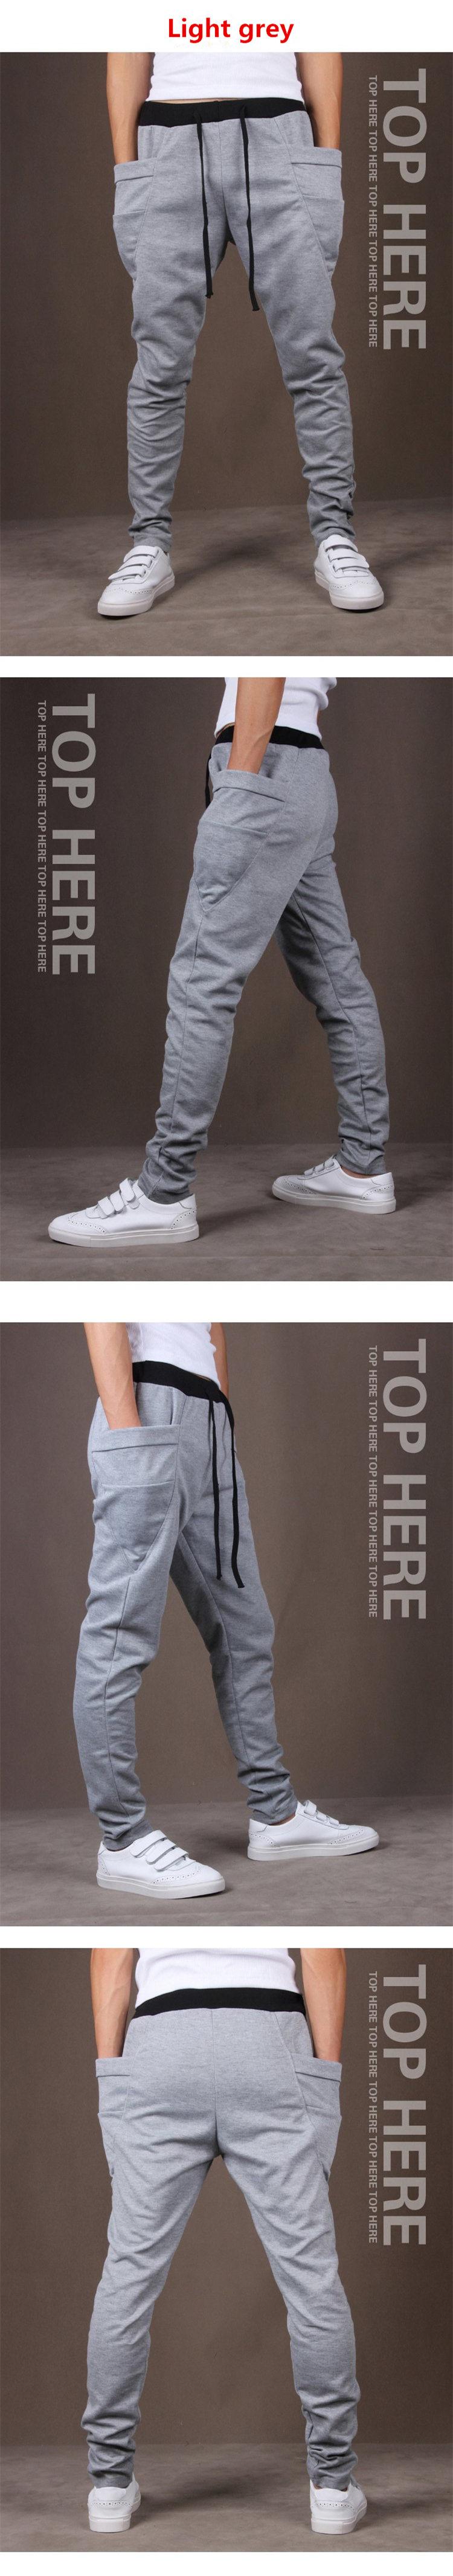 Men's Pantalones Hombre Unique Pocket Harem Pants